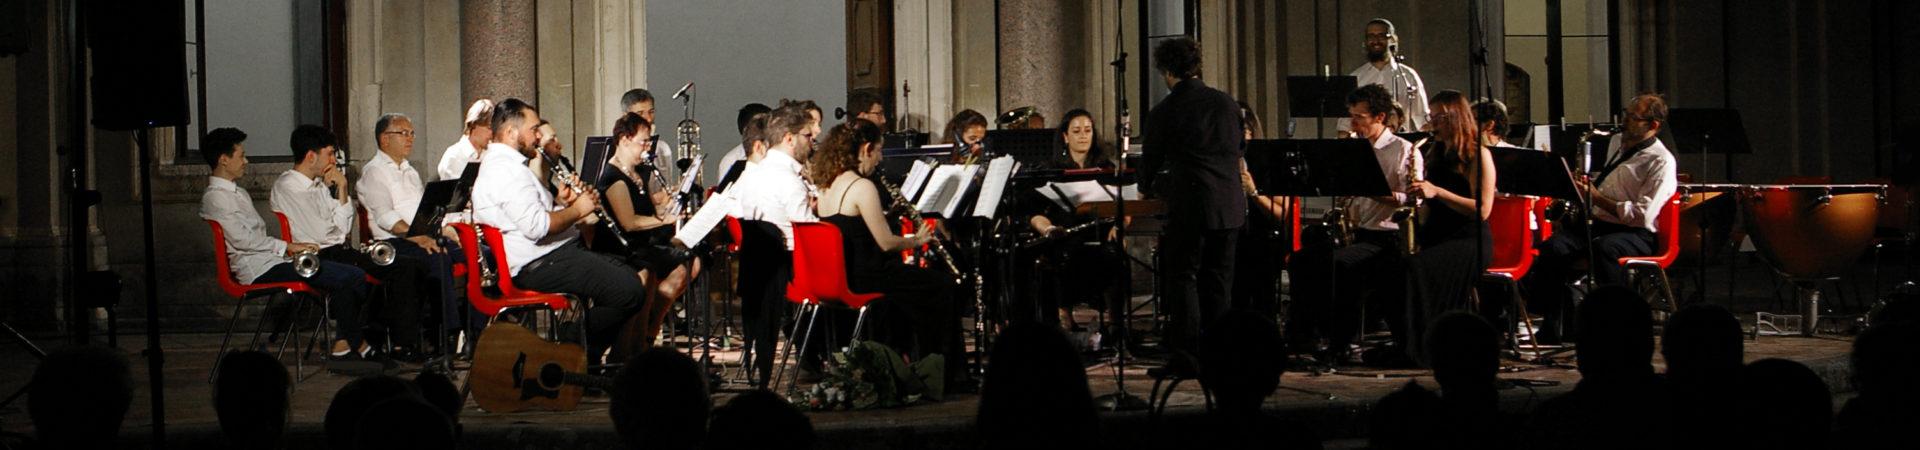 Orchestra di Fiati del Veneto